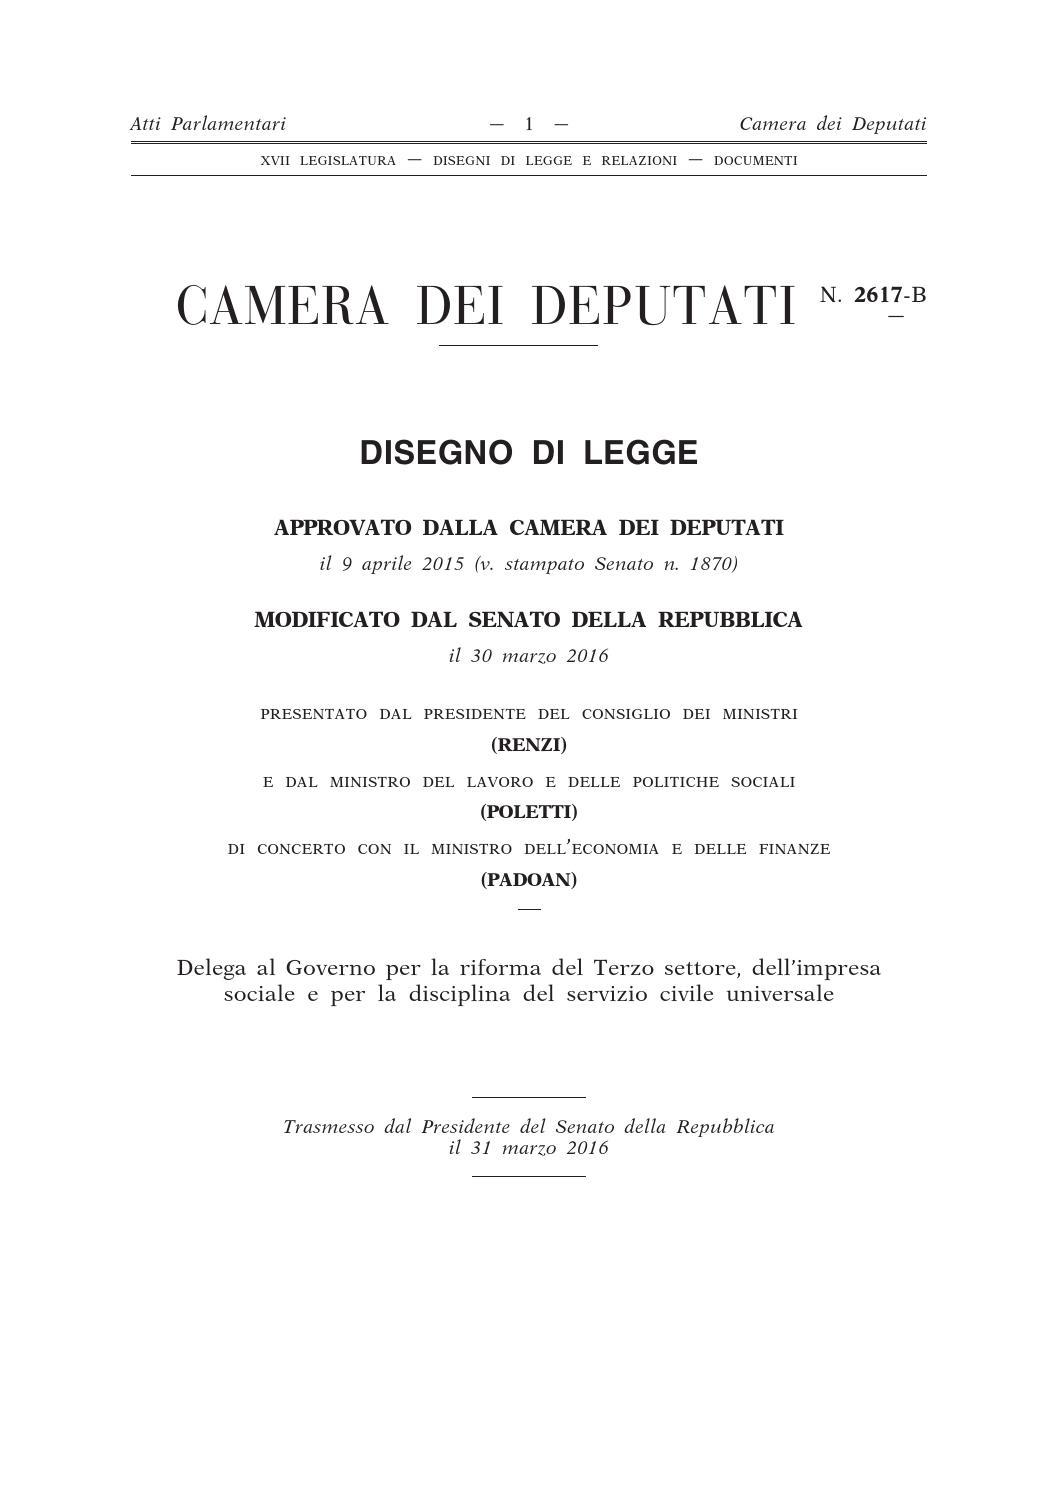 Riforma del terzo settore by giorgiaboscolo issuu for Settore della camera